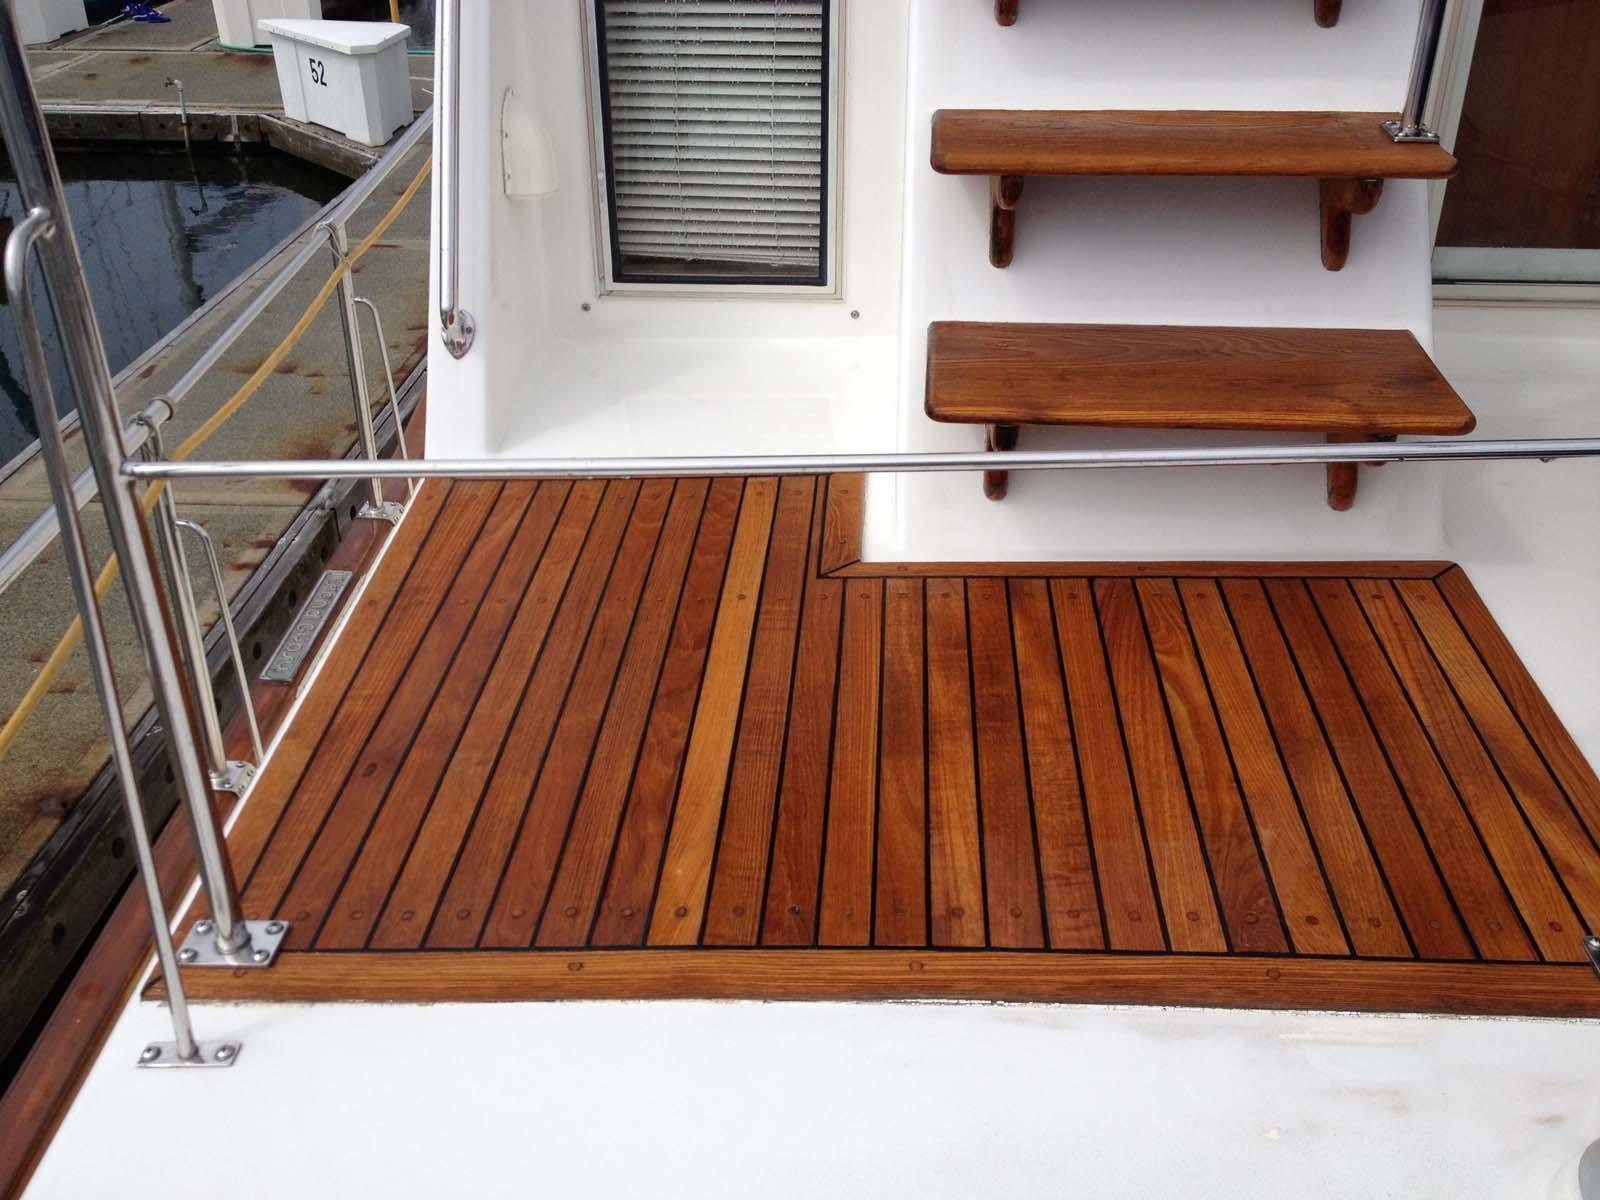 Boat Decks Teak Teak on Boat Deck…after